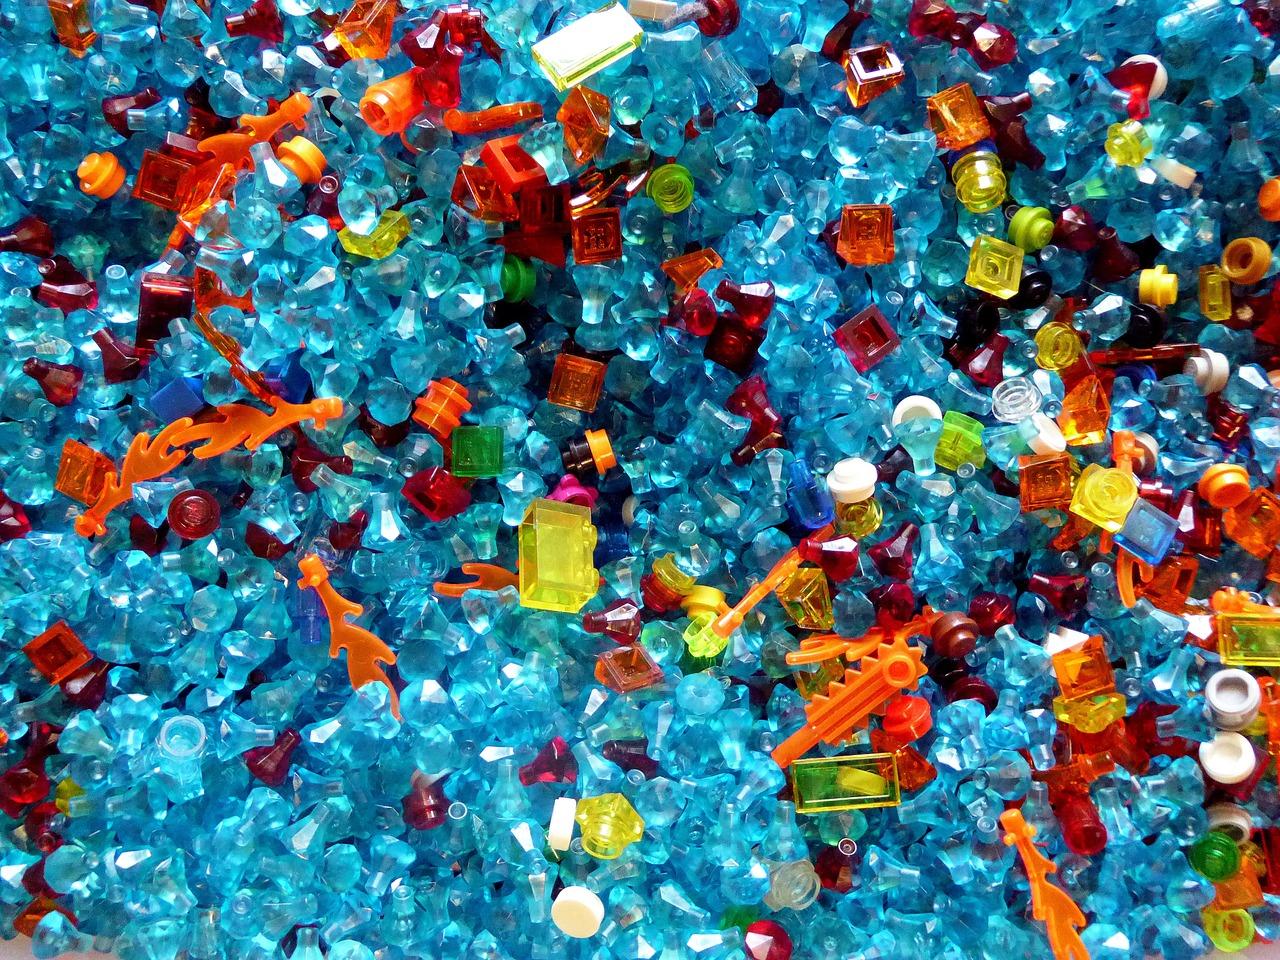 Plastik Spielsteine und Plastik Männchen in einem Eimer